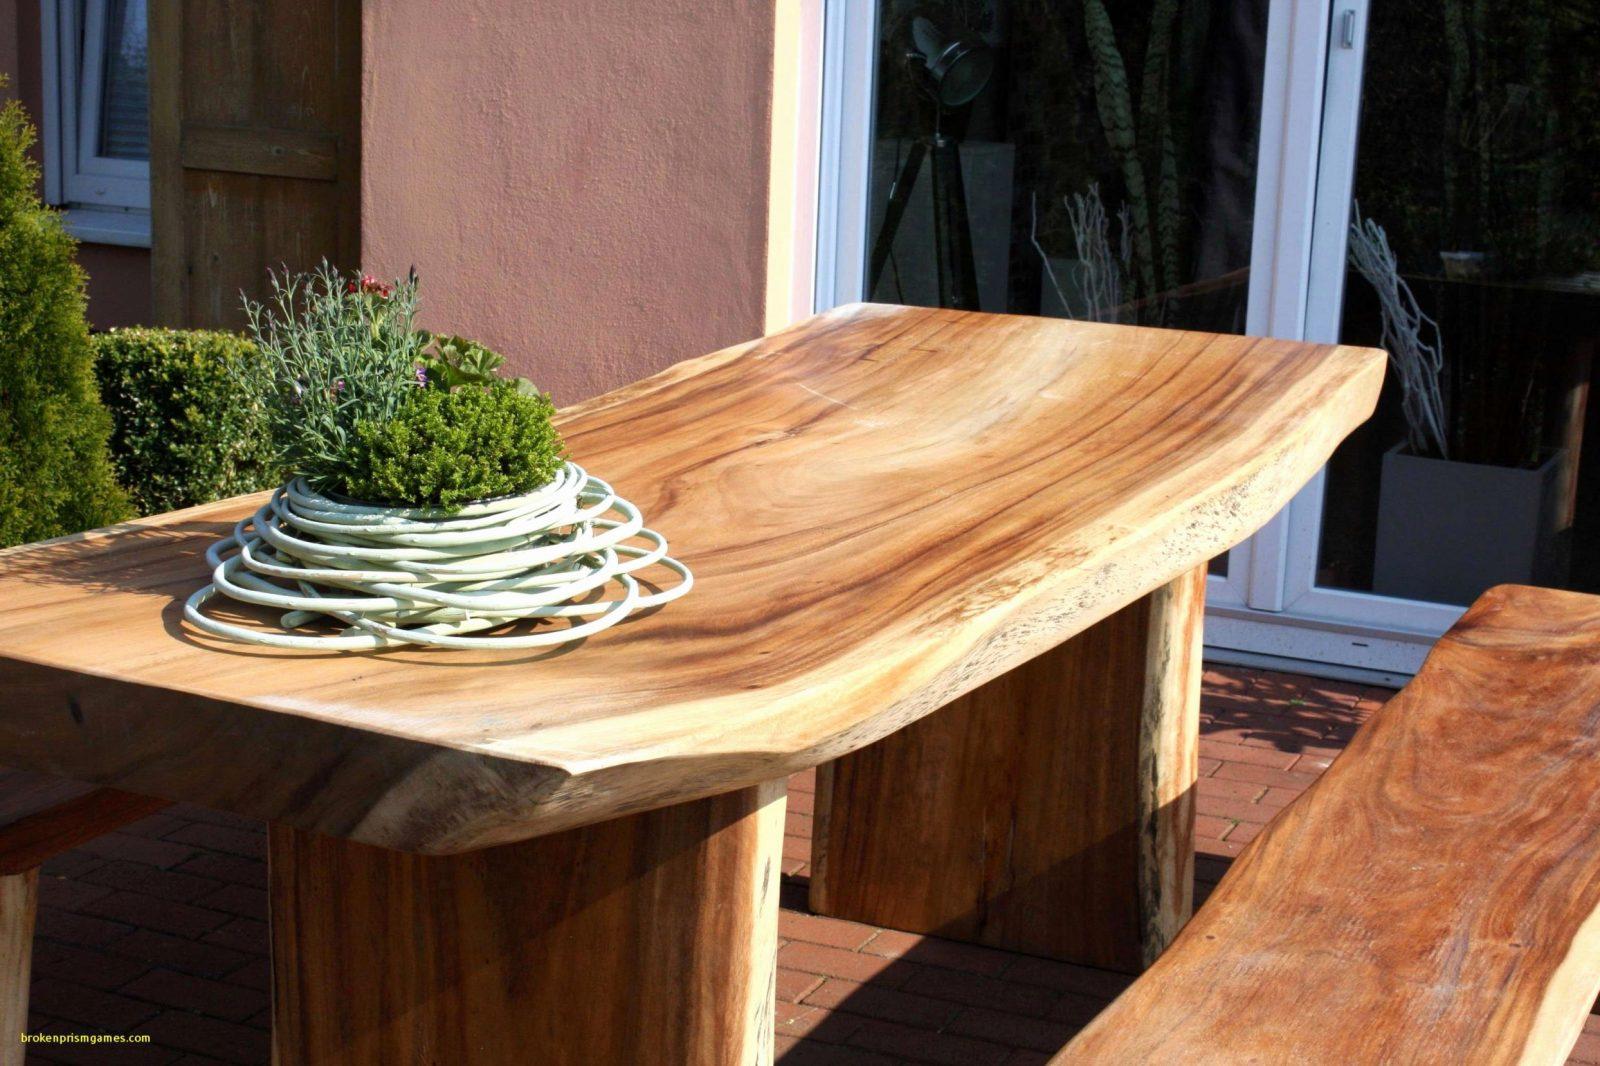 Sitzbank Flur Selber Bauen Konzepte Holz Esstisch Bank Und Tisch von Esstisch Aus Paletten Selber Bauen Anleitung Photo